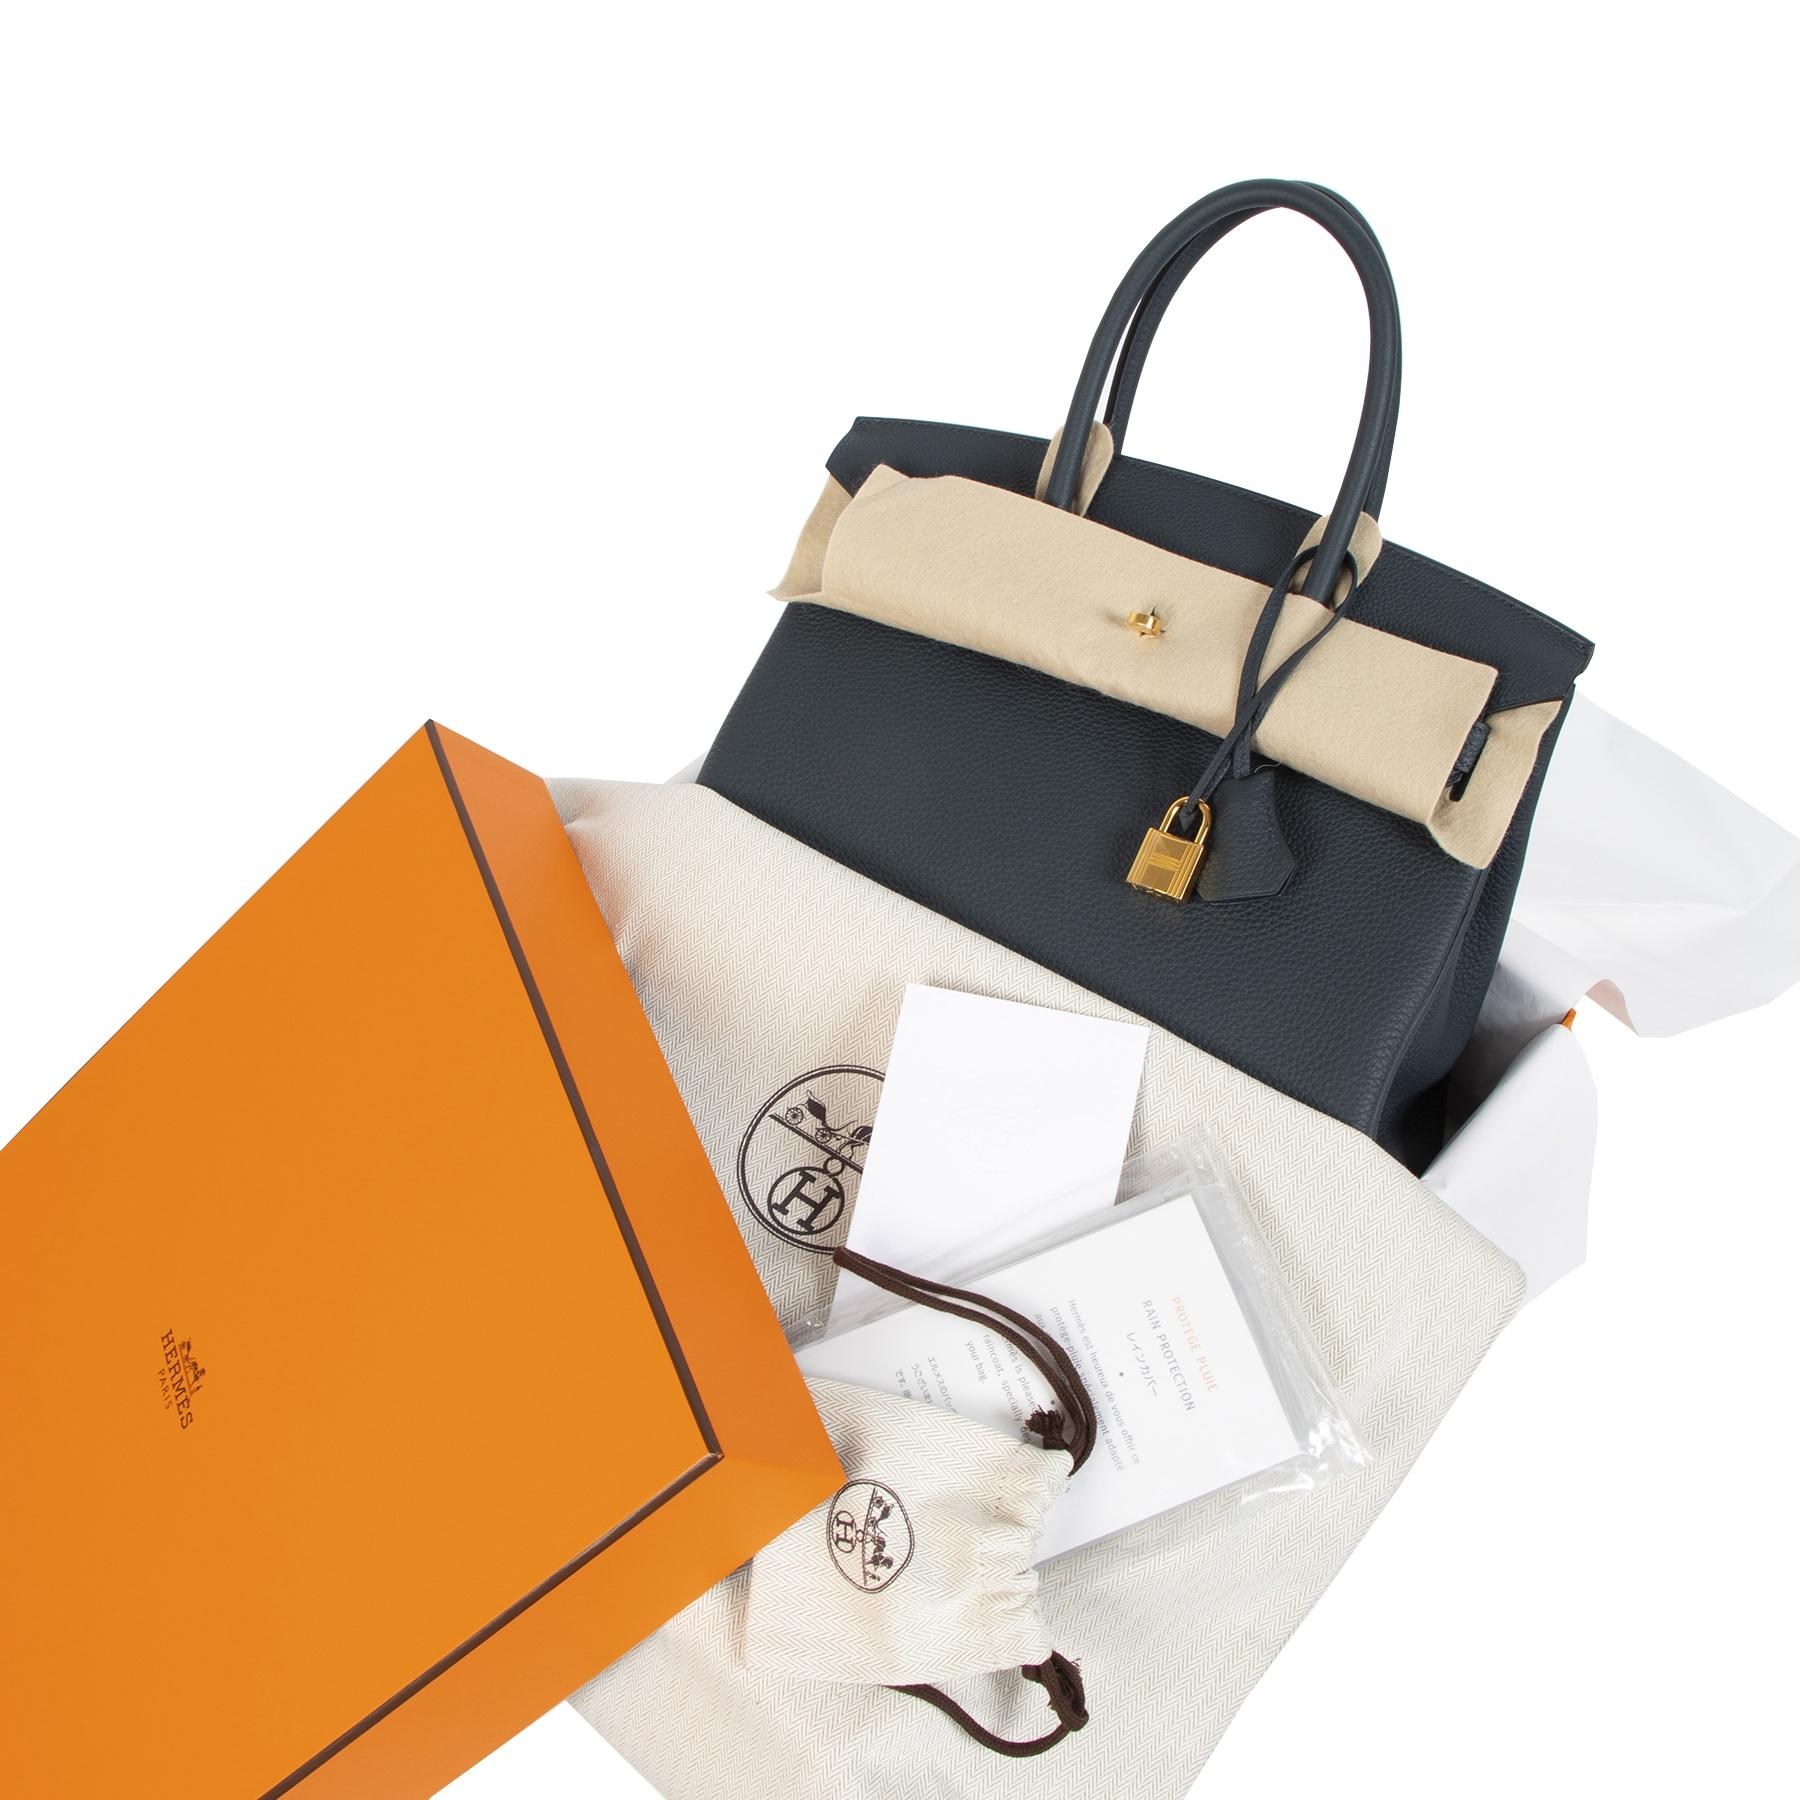 Hermès Birkin 30 Vert Rousseau Togo GHW available at Labellov secondhand luxury in Antwerp Belgium